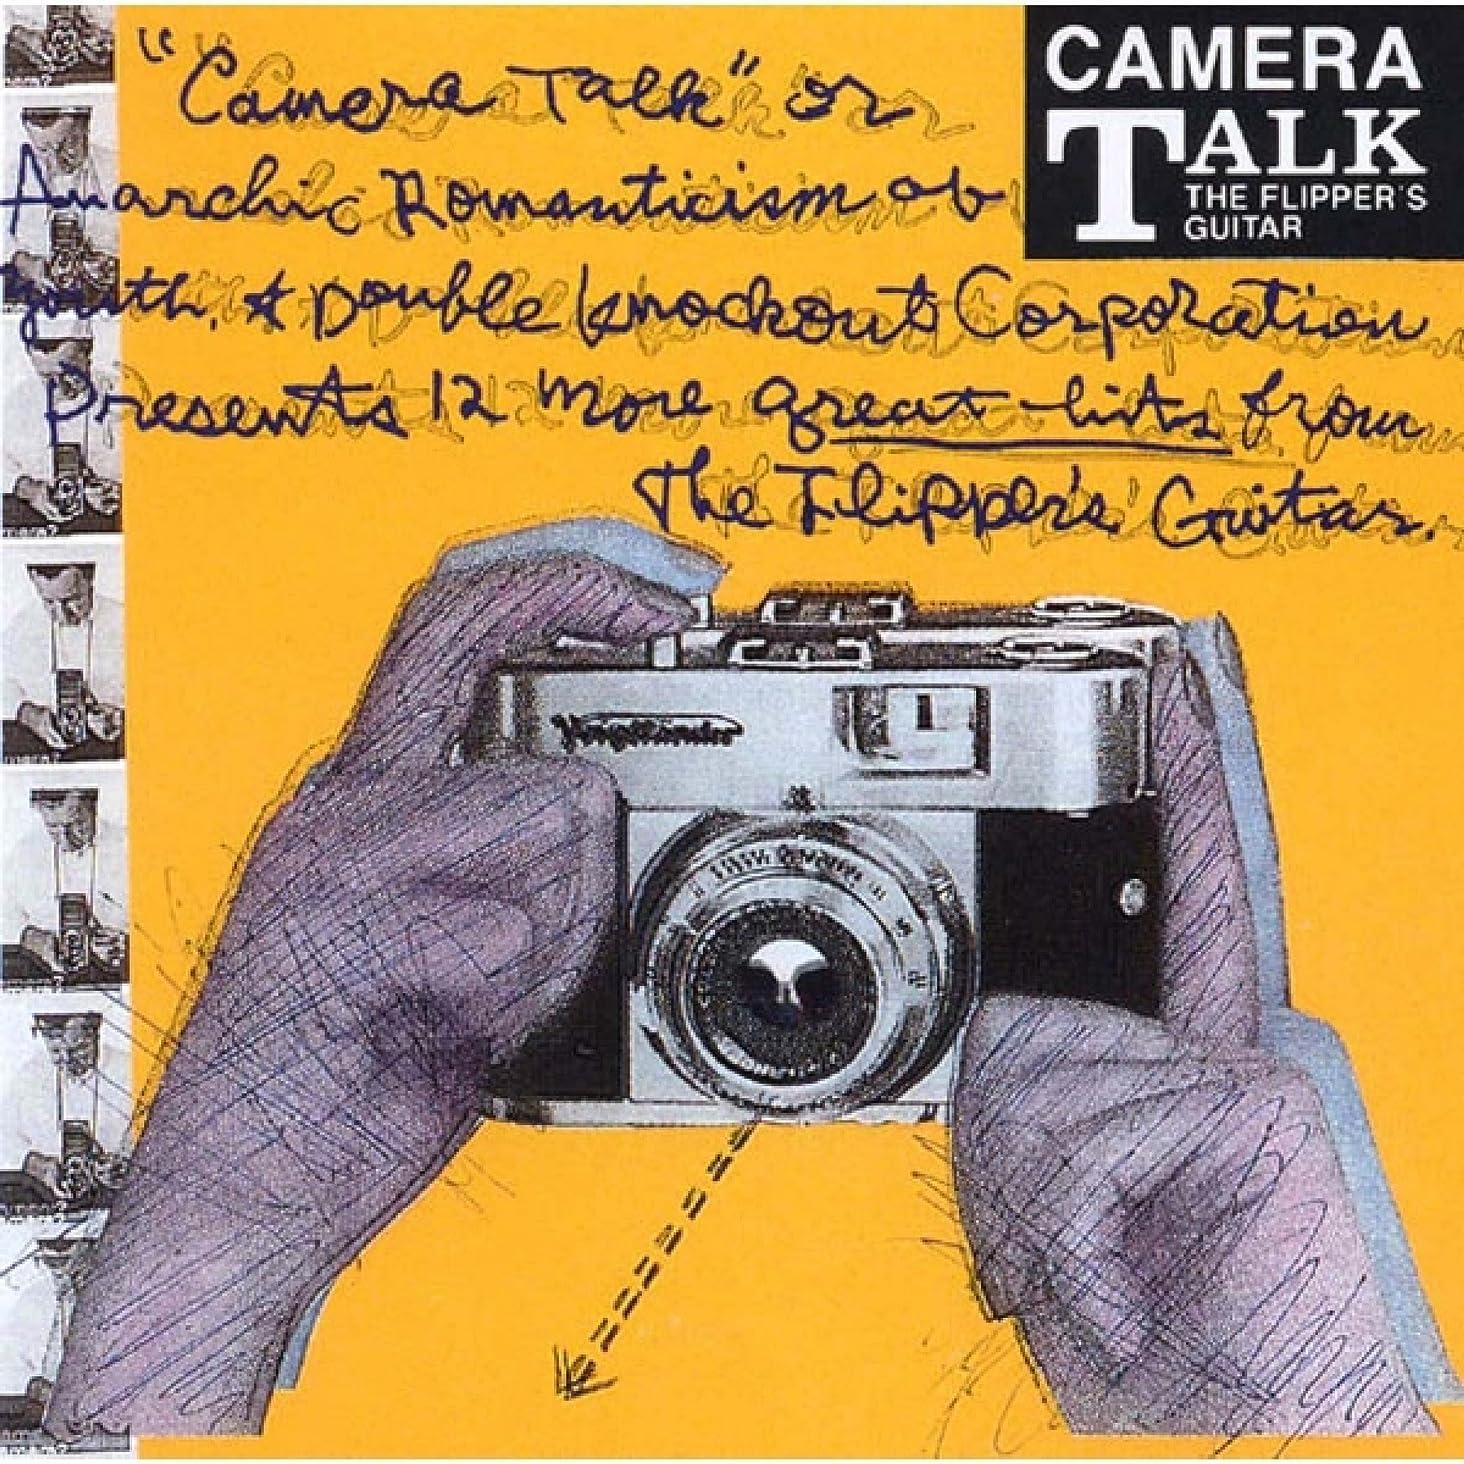 掃く論争的経歴CAMERA TALK (Remastered 2006)